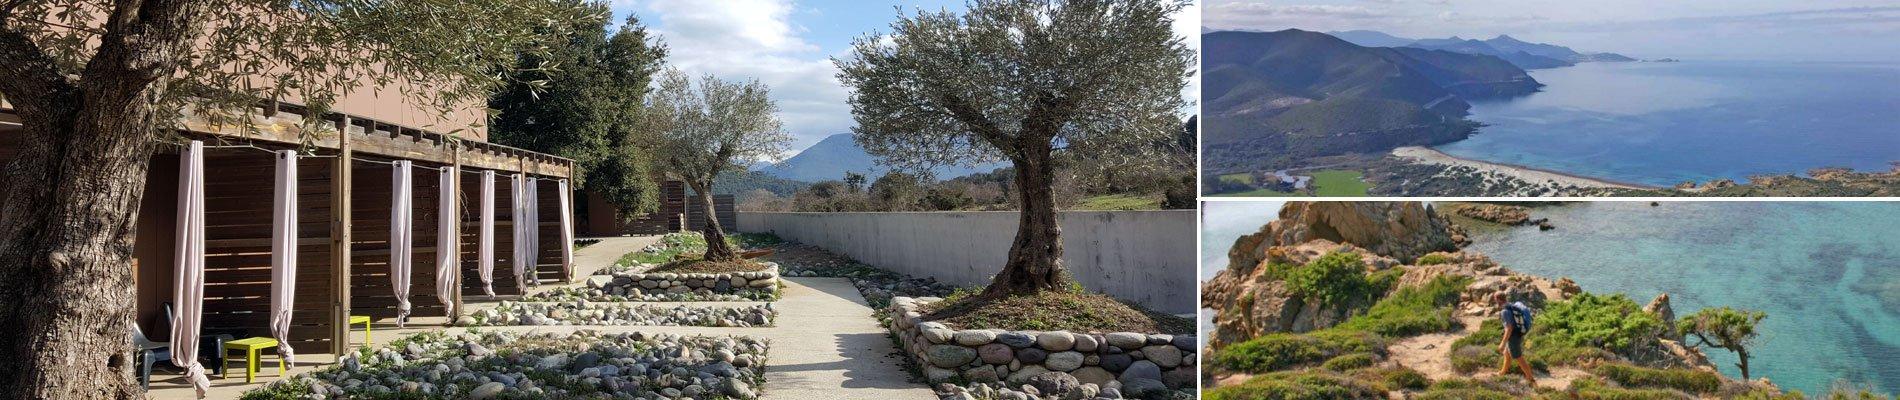 ecolodge-ascosa-corsica-reizen